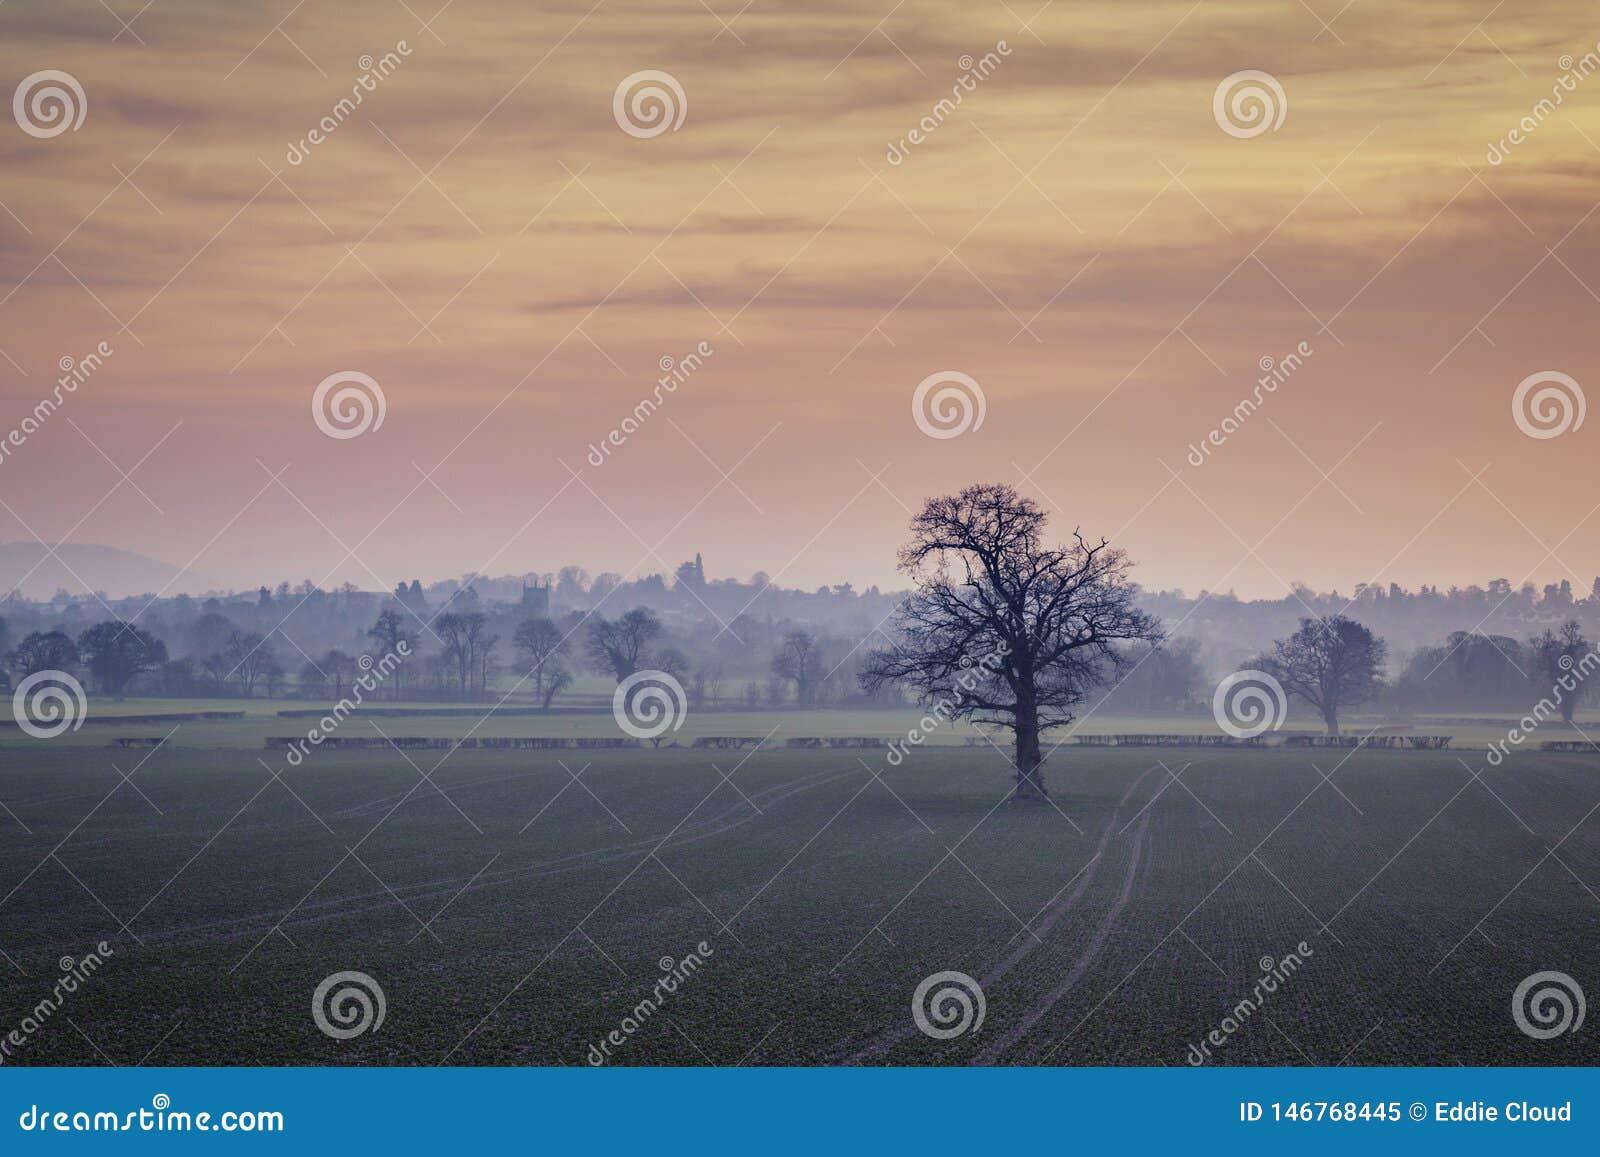 Βρετανικοί τομείς επαρχίας στο μουντό ηλιοβασίλεμα